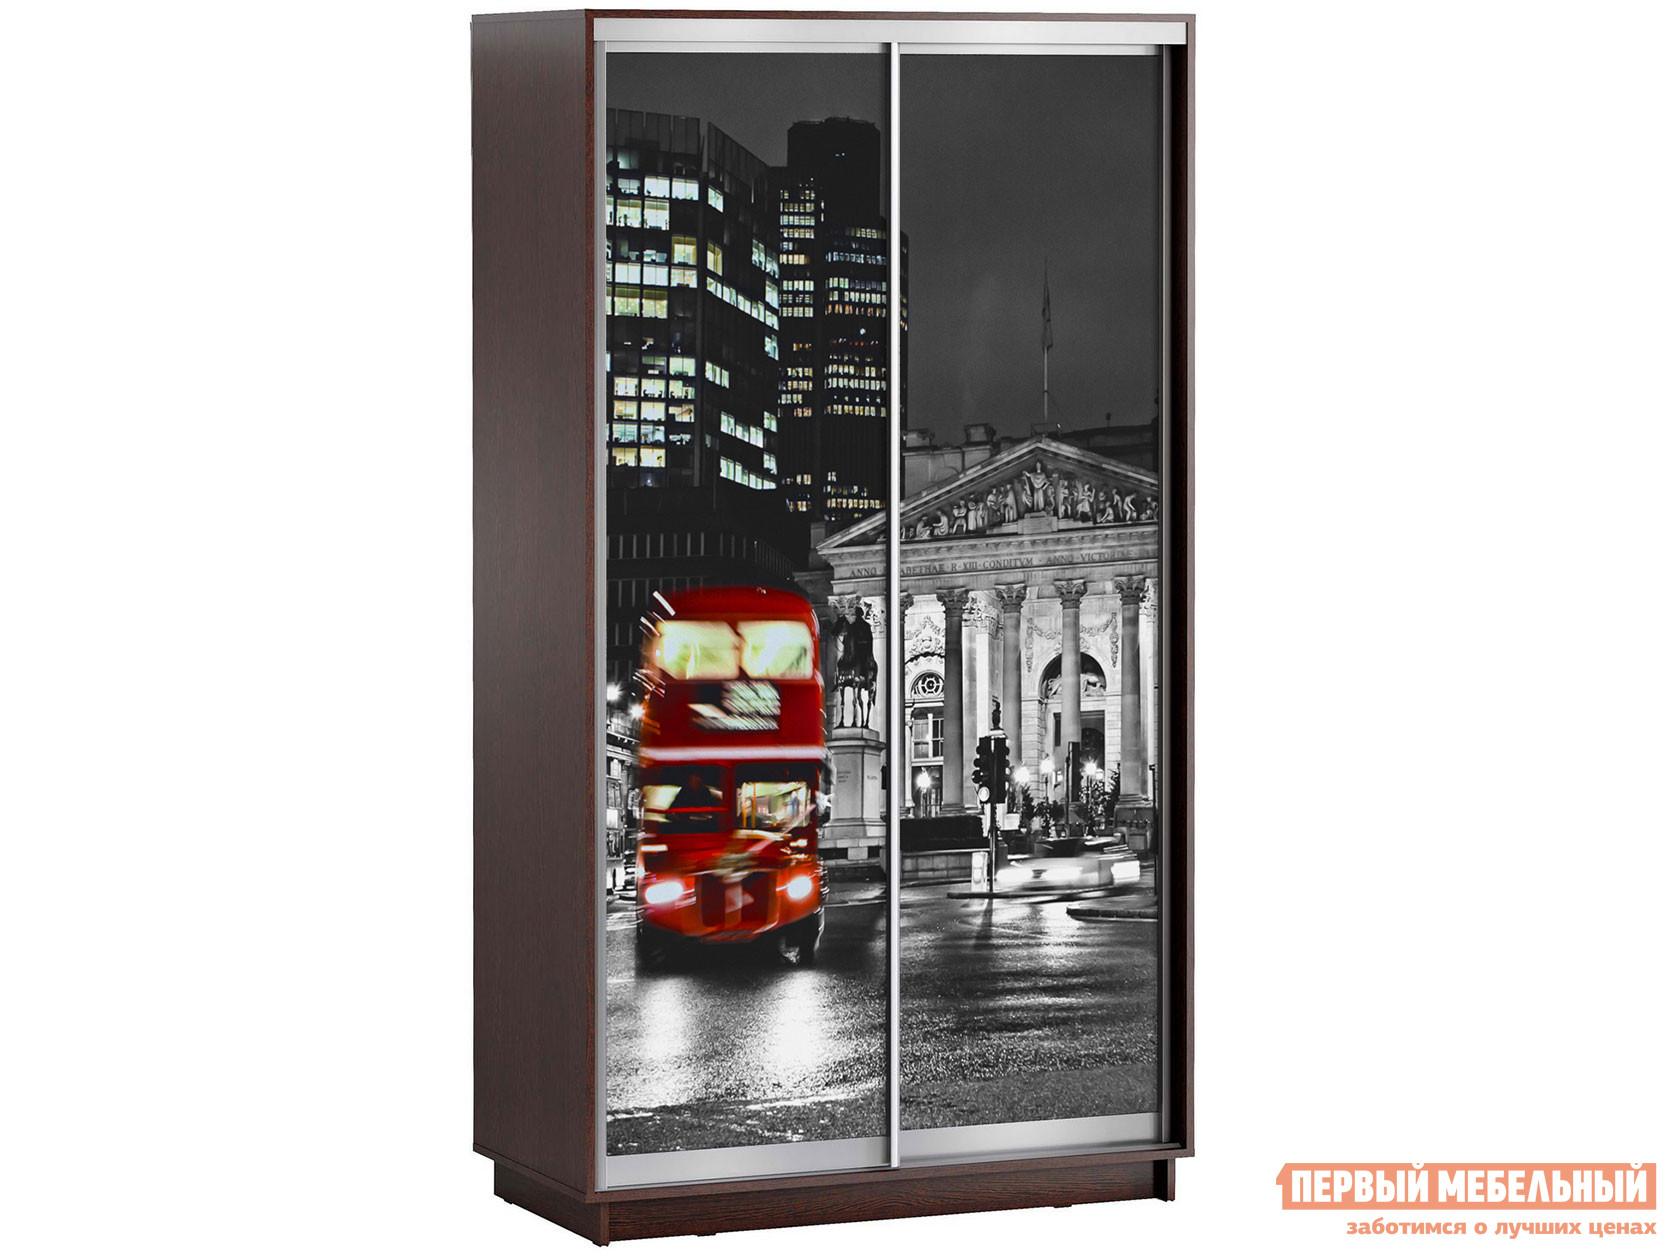 Шкаф-купе Первый Мебельный Шкаф купе Лео 2-х дверный с фотопечатью шкаф купе первый мебельный шкаф купе лео 2 х дверный глухой фасад